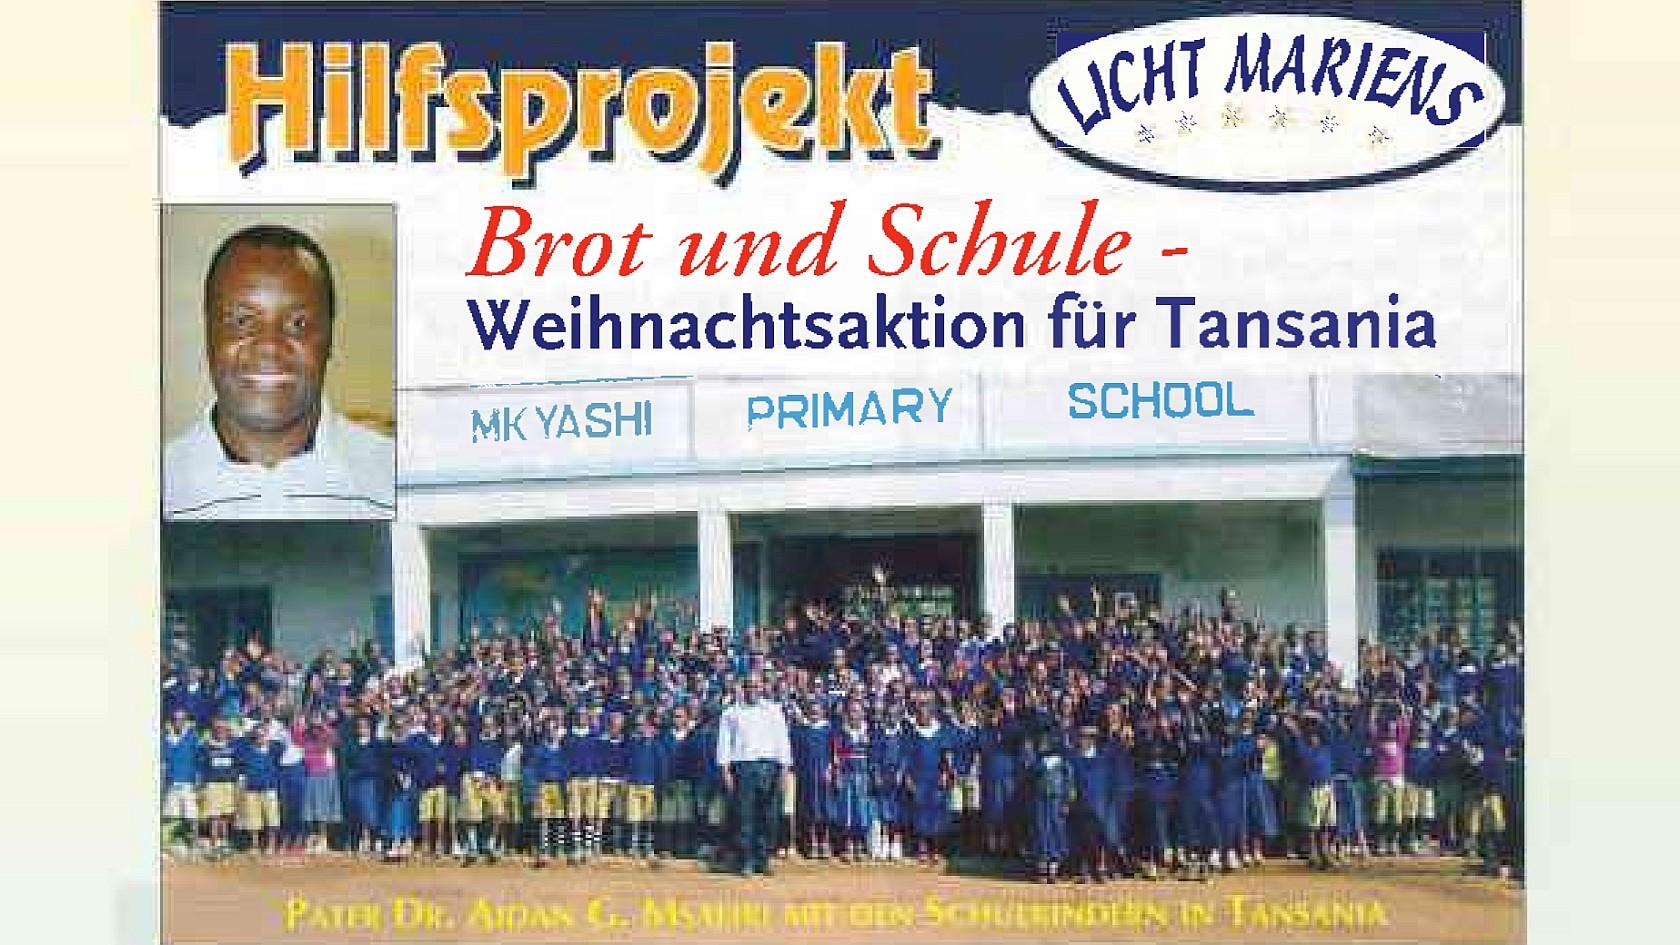 Hilfsprojekt Licht Mariens 2008 / 2